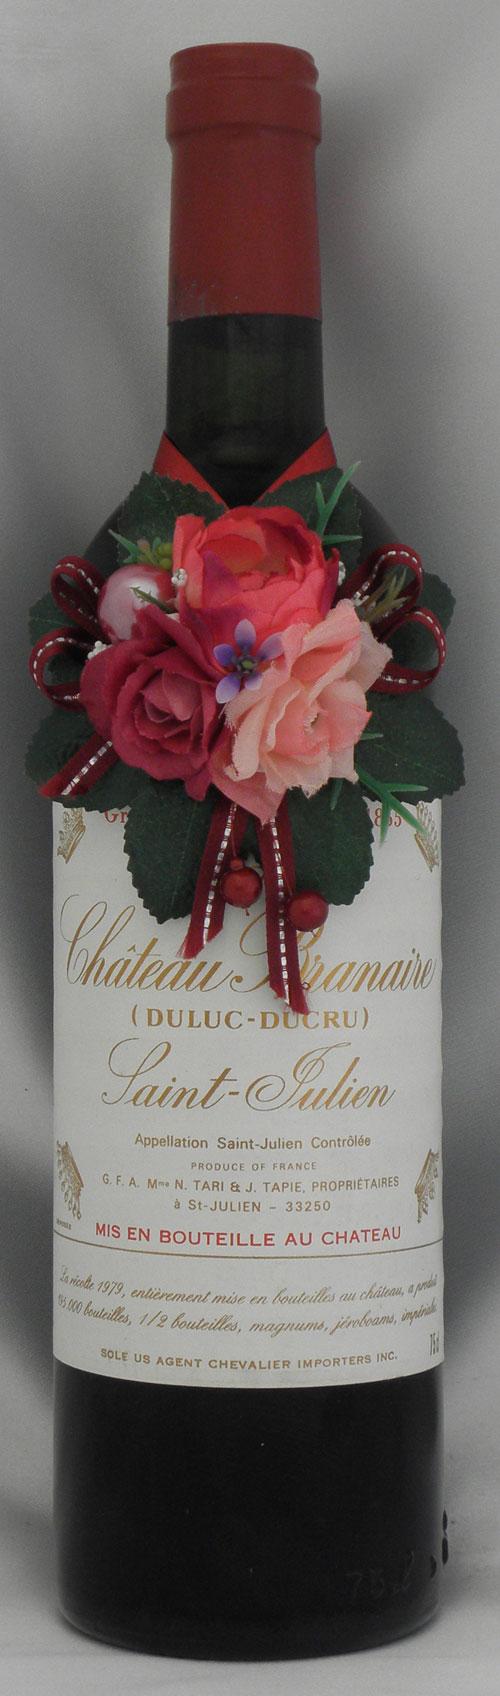 1979年 シャトー ブラネール デュクリュ(フランス 赤ワイン)